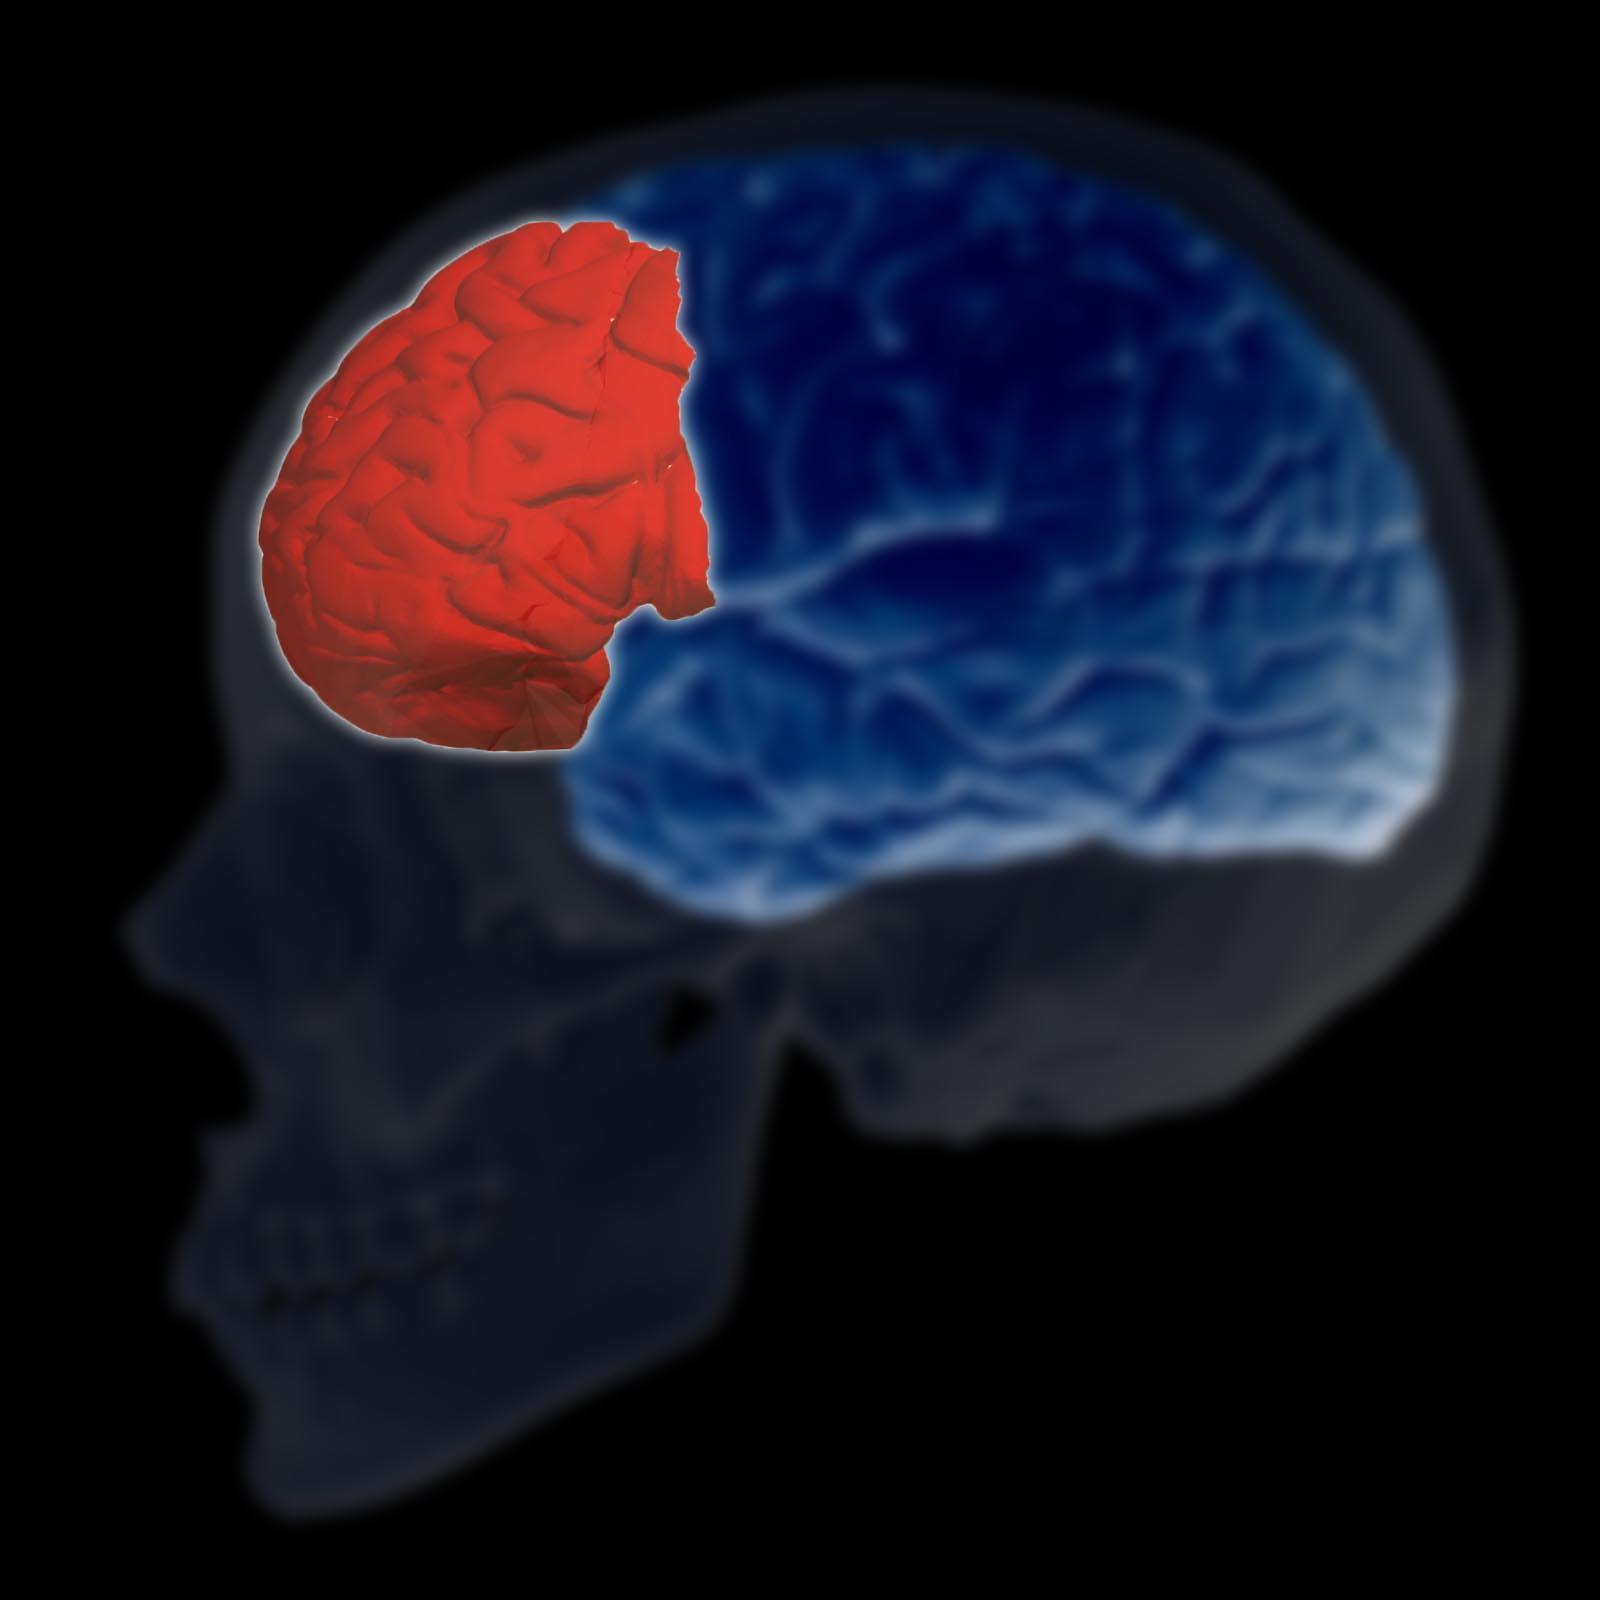 Fisiopatologia da depressão: principais características 4